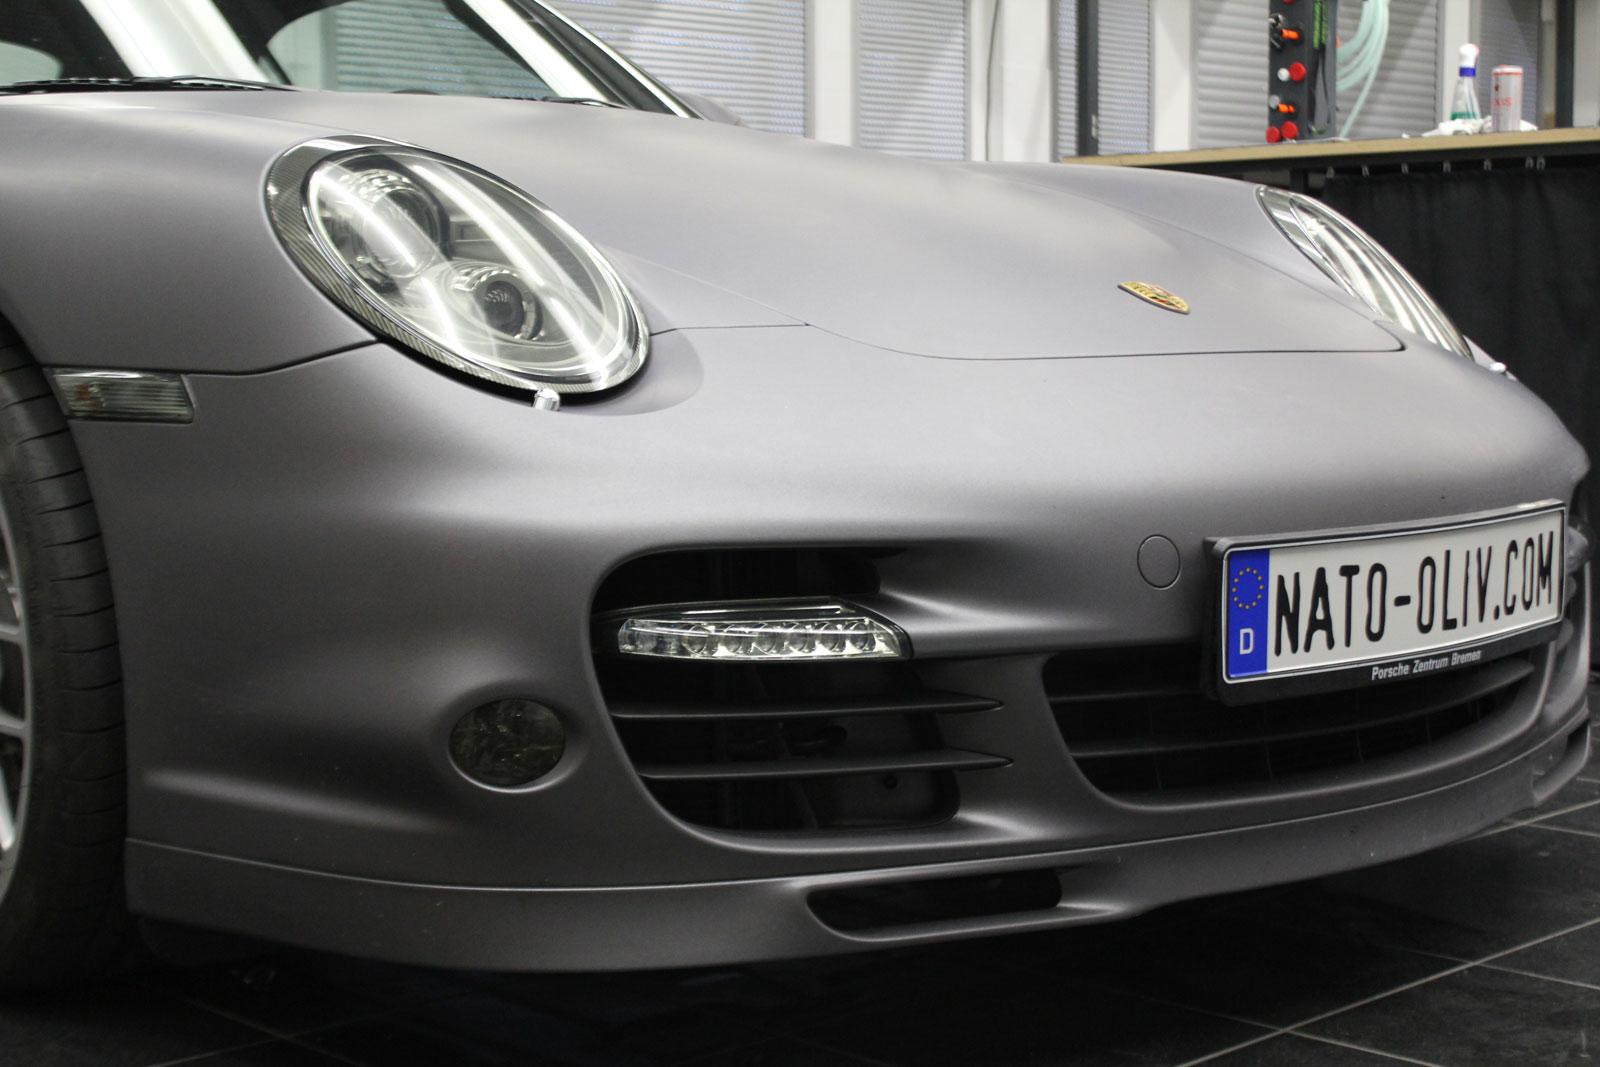 Scheinwerfer Tönungfolie bei einem Porsche Turbo S.